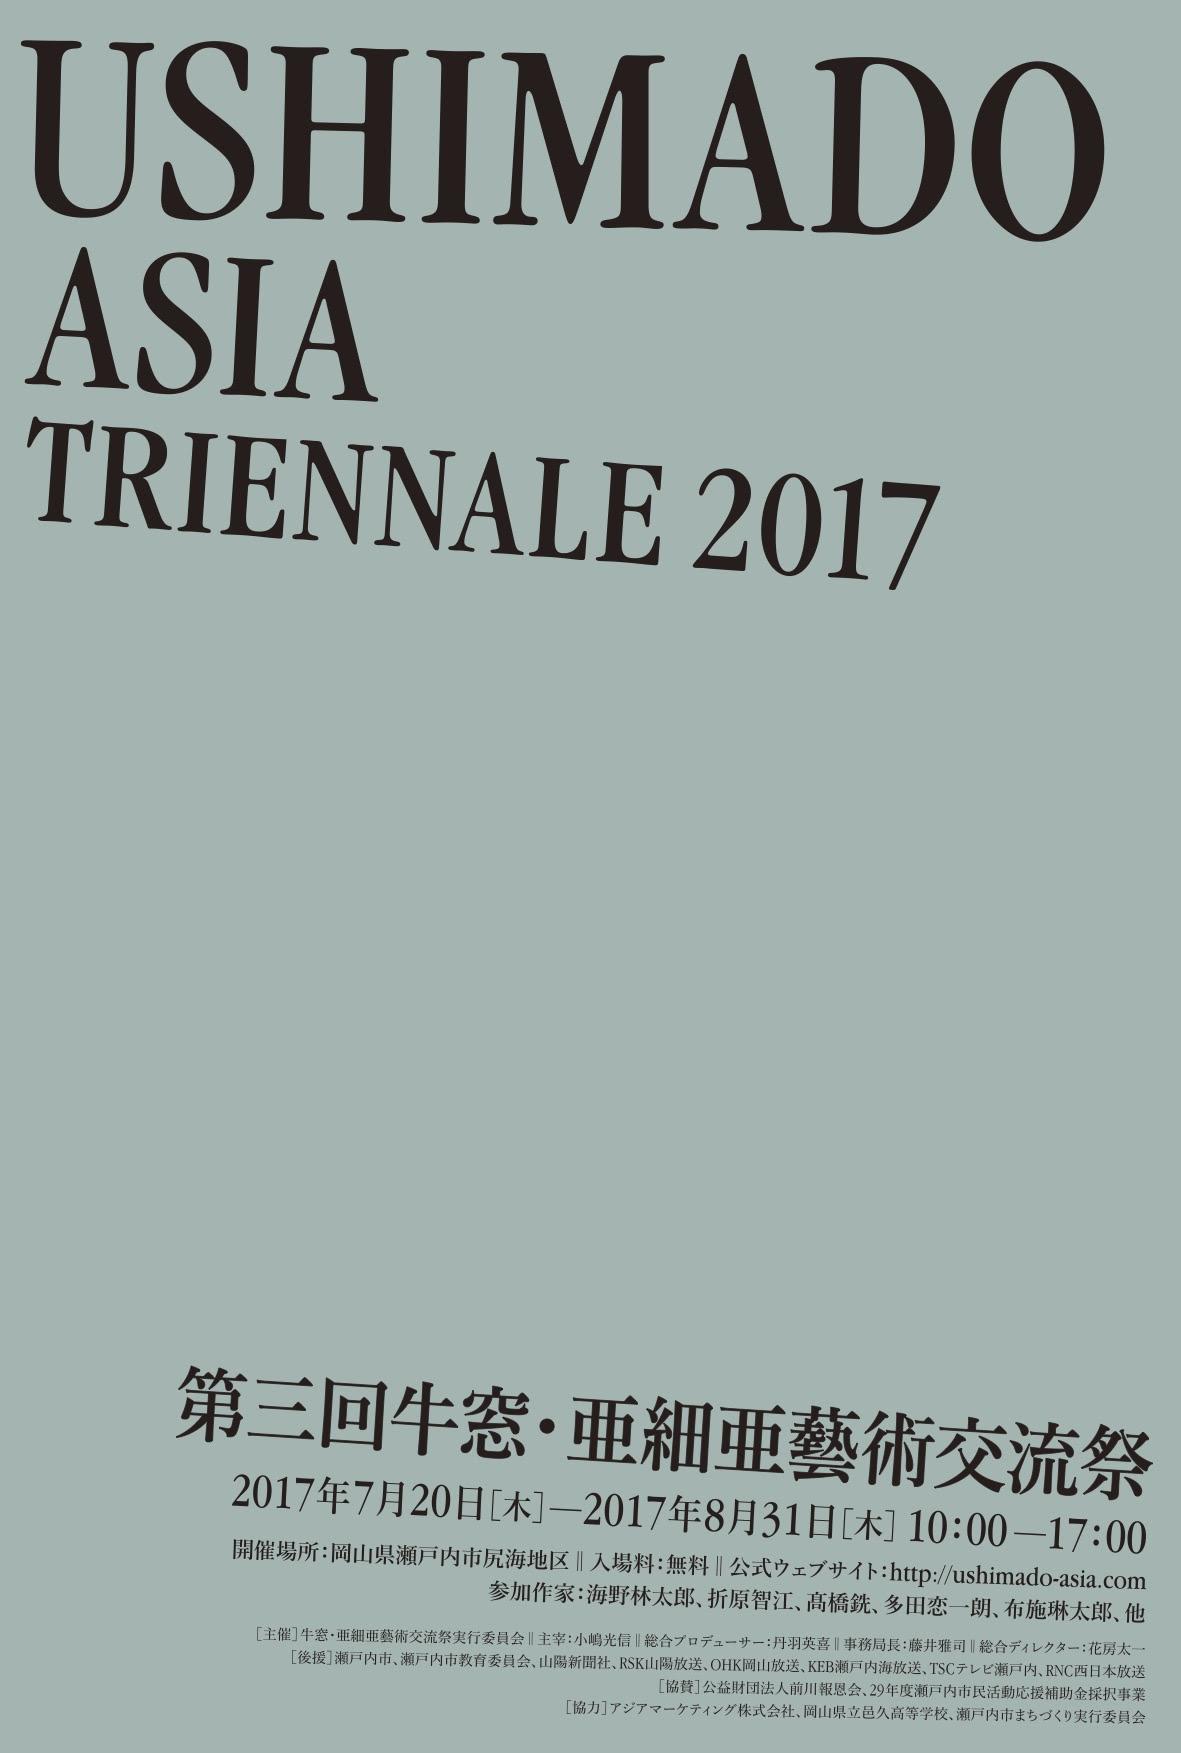 「第3回牛窓・亜細亜藝術交流祭 Ushimado Asia Triennale2017」